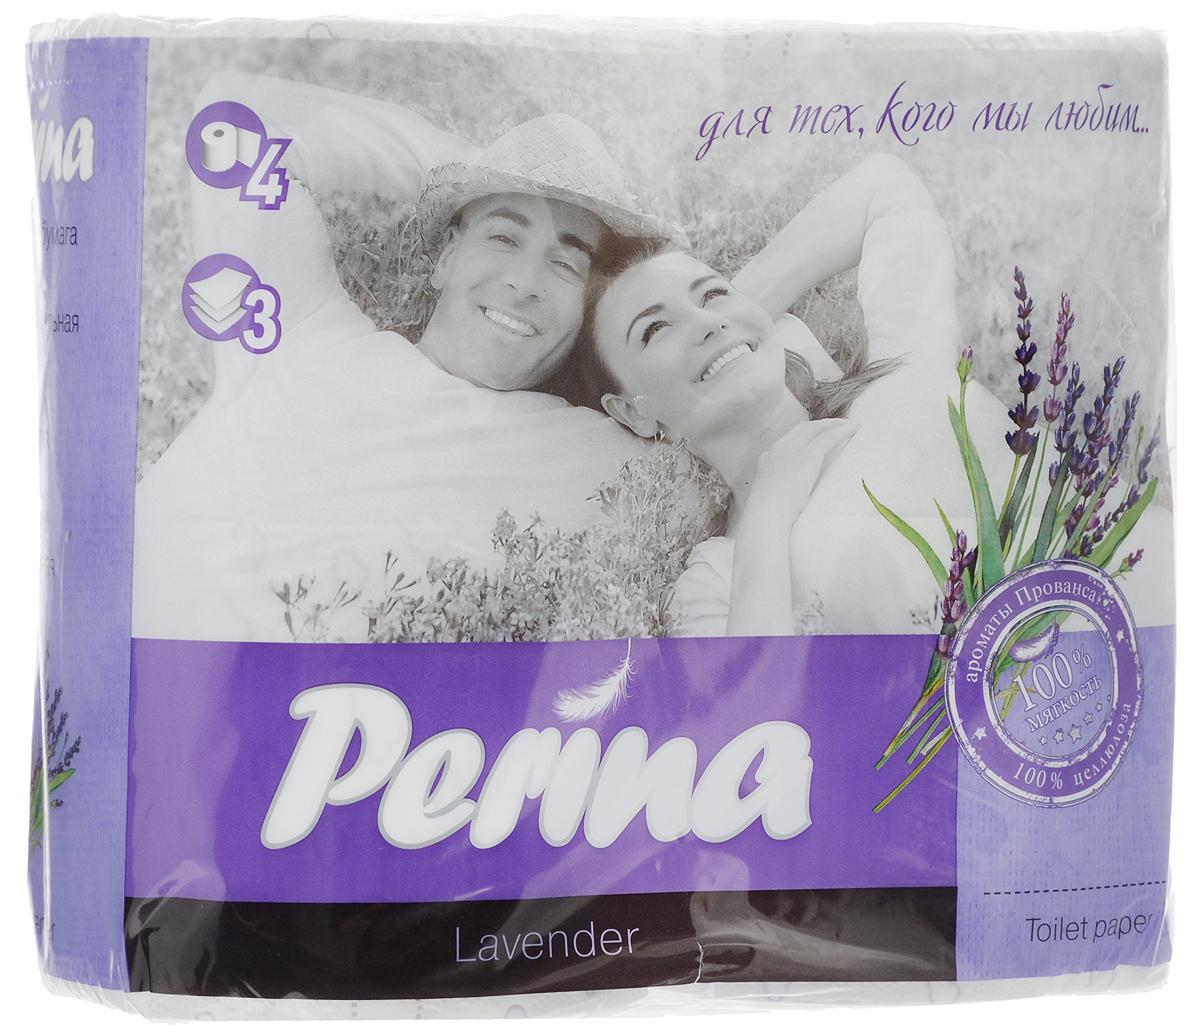 """Ароматизированная туалетная бумага Perina """"Lvander"""" выполнена из натуральной целлюлозы и обладает  приятным ароматом лаванды. Трехслойная туалетная бумага мягкая, нежная, но в тоже время прочная. Листы  имеют  рисунок с перфорацией.  Длина рулона: 18,8 м. Количество листов: 150 шт. Количество слоев: 3. Размер листа: 12,5 х 9,4 см. Состав: 100% целлюлоза."""